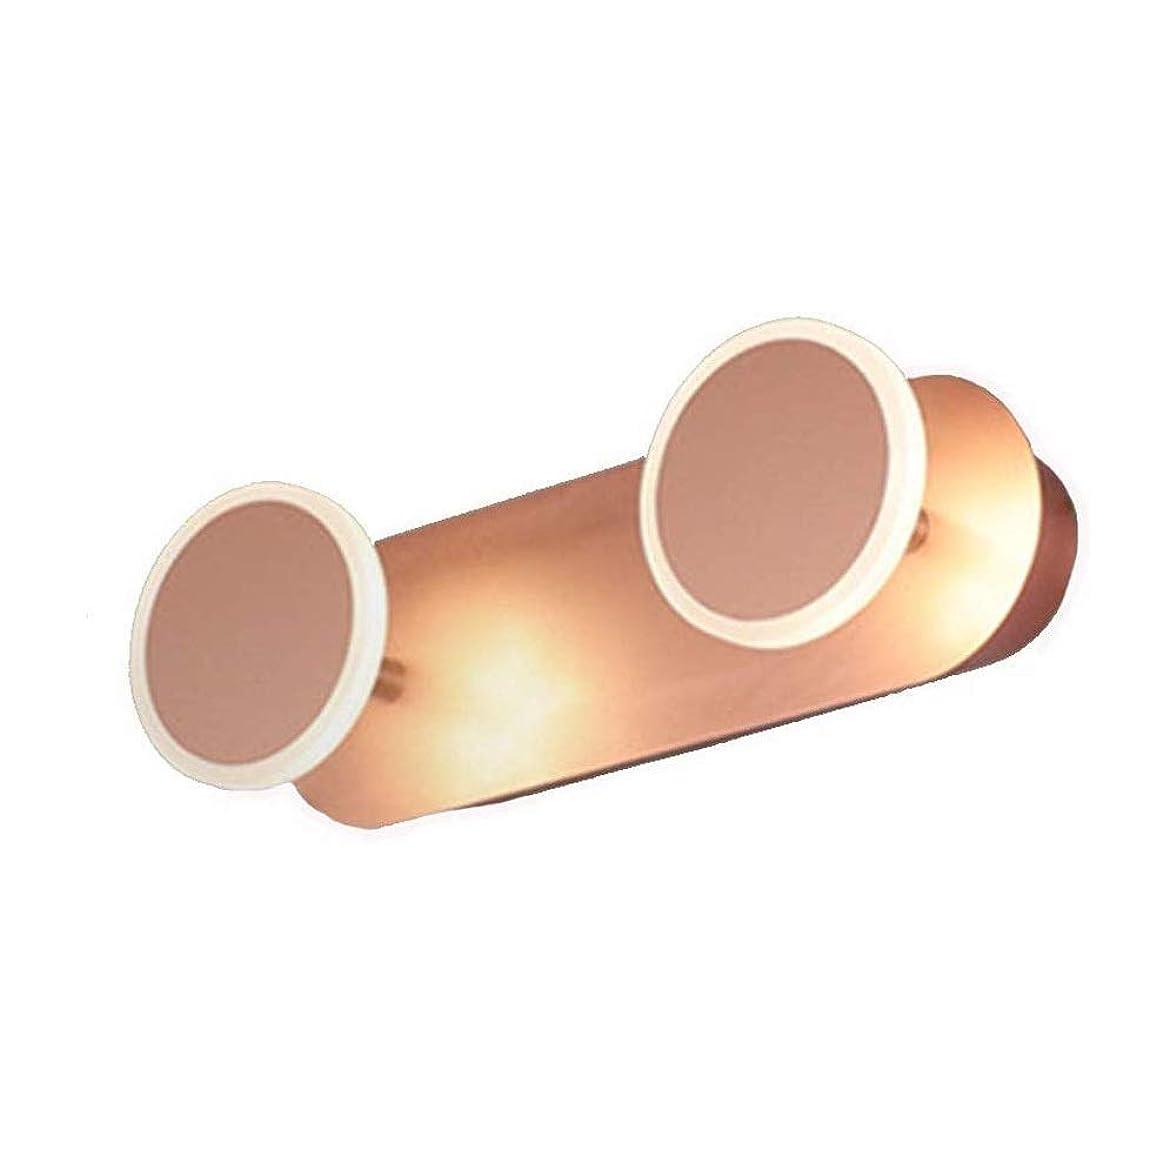 投資する顔料アプローチHIZLJJ 主導の浴室ミラーライトピクチャーメイクアップ照明浴室の壁ランプバスミラーライト防水アンチフォグLEDウォールランプ北欧アクリルローズゴールドバニティミラーヘッドライトのベッドルームの照明器具